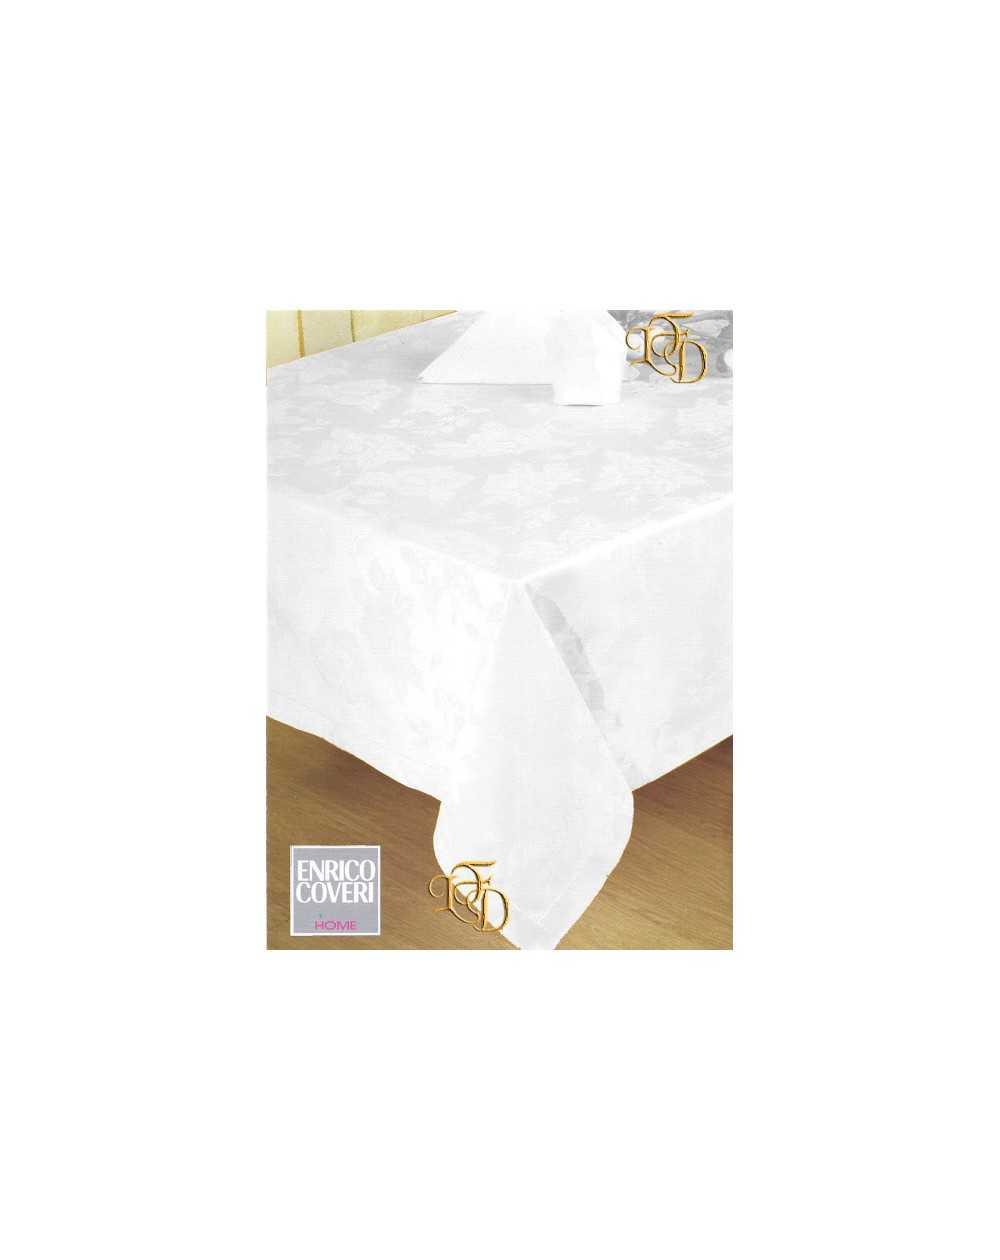 Tovaglie Da Tavola Bassetti.Servizio Tavola X 8 Assisi Bianco Tovaglia 8 Tovaglioli Fiandra Cotone Coveri